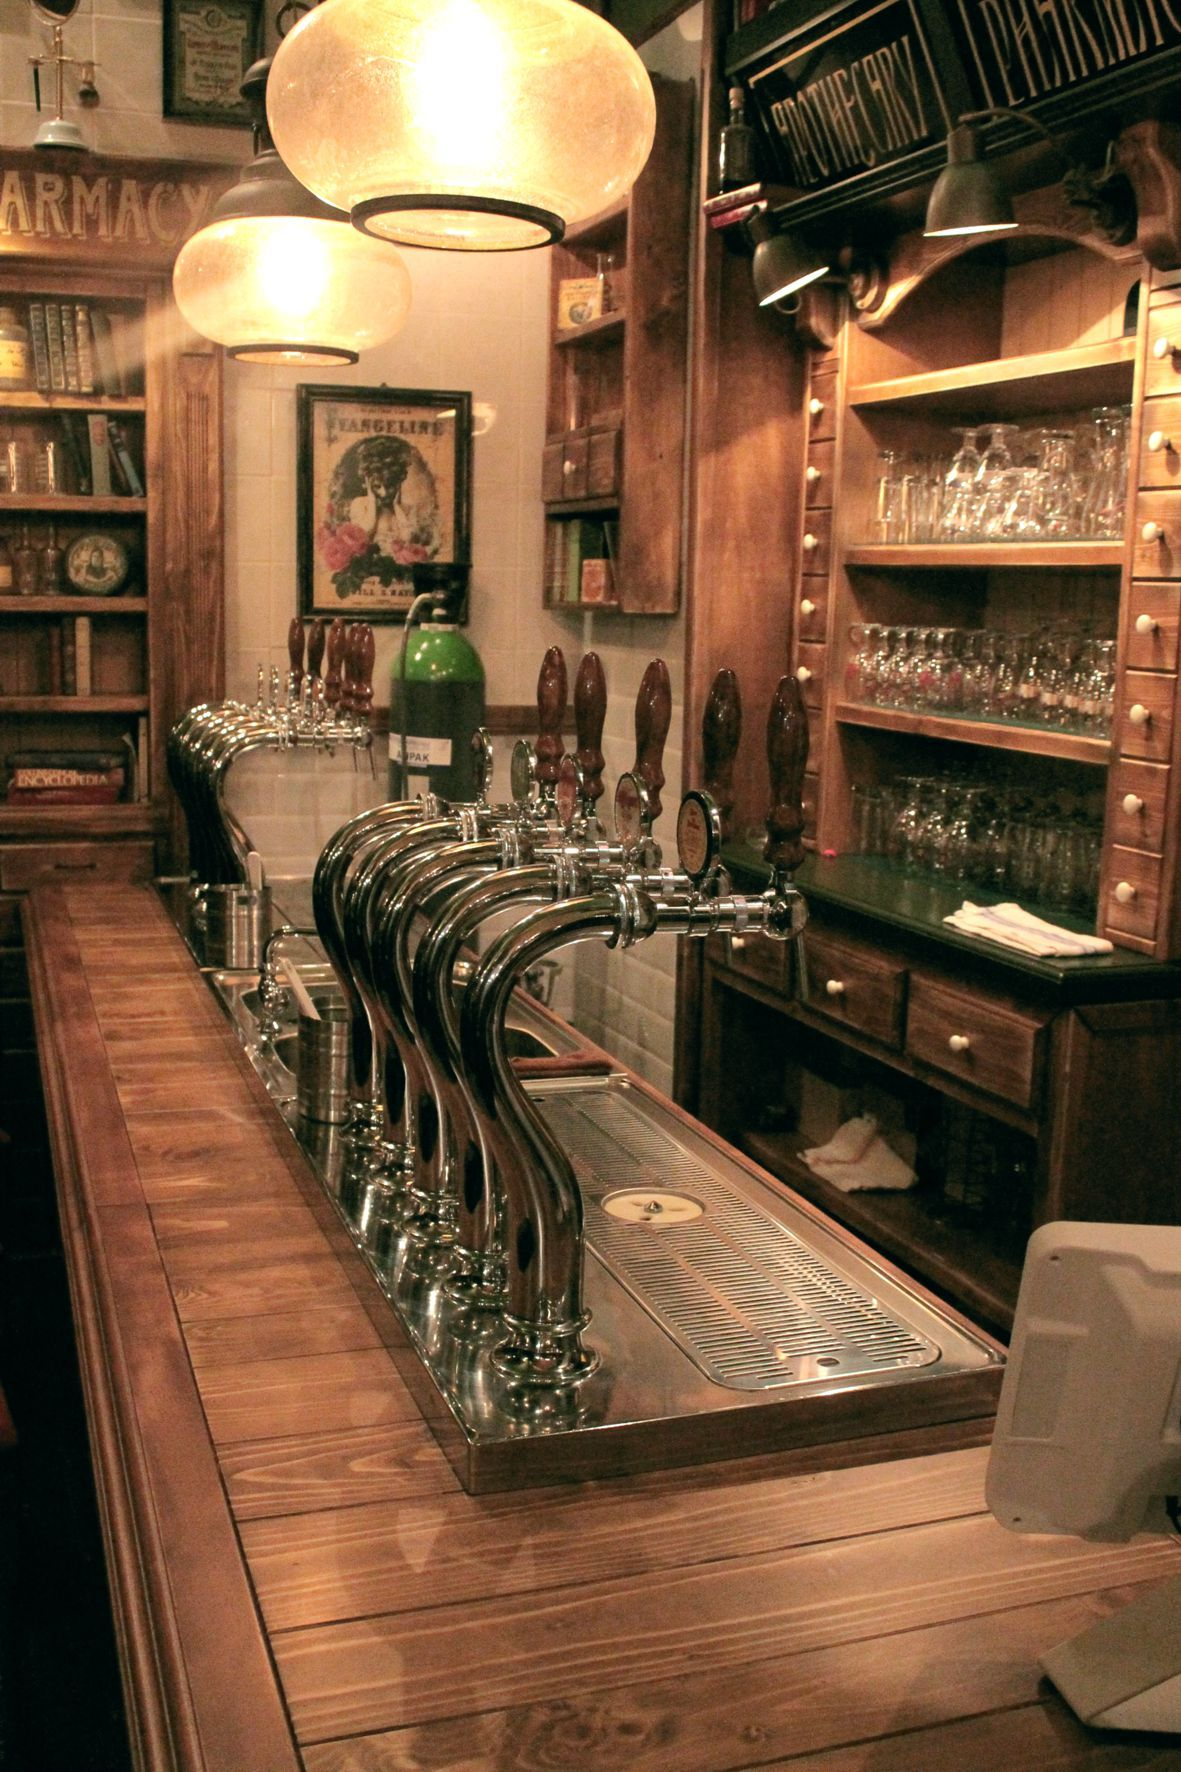 Hai salvato su arredi speakeasy camproject srl arredo pub for Fiusco arredi megastore srl